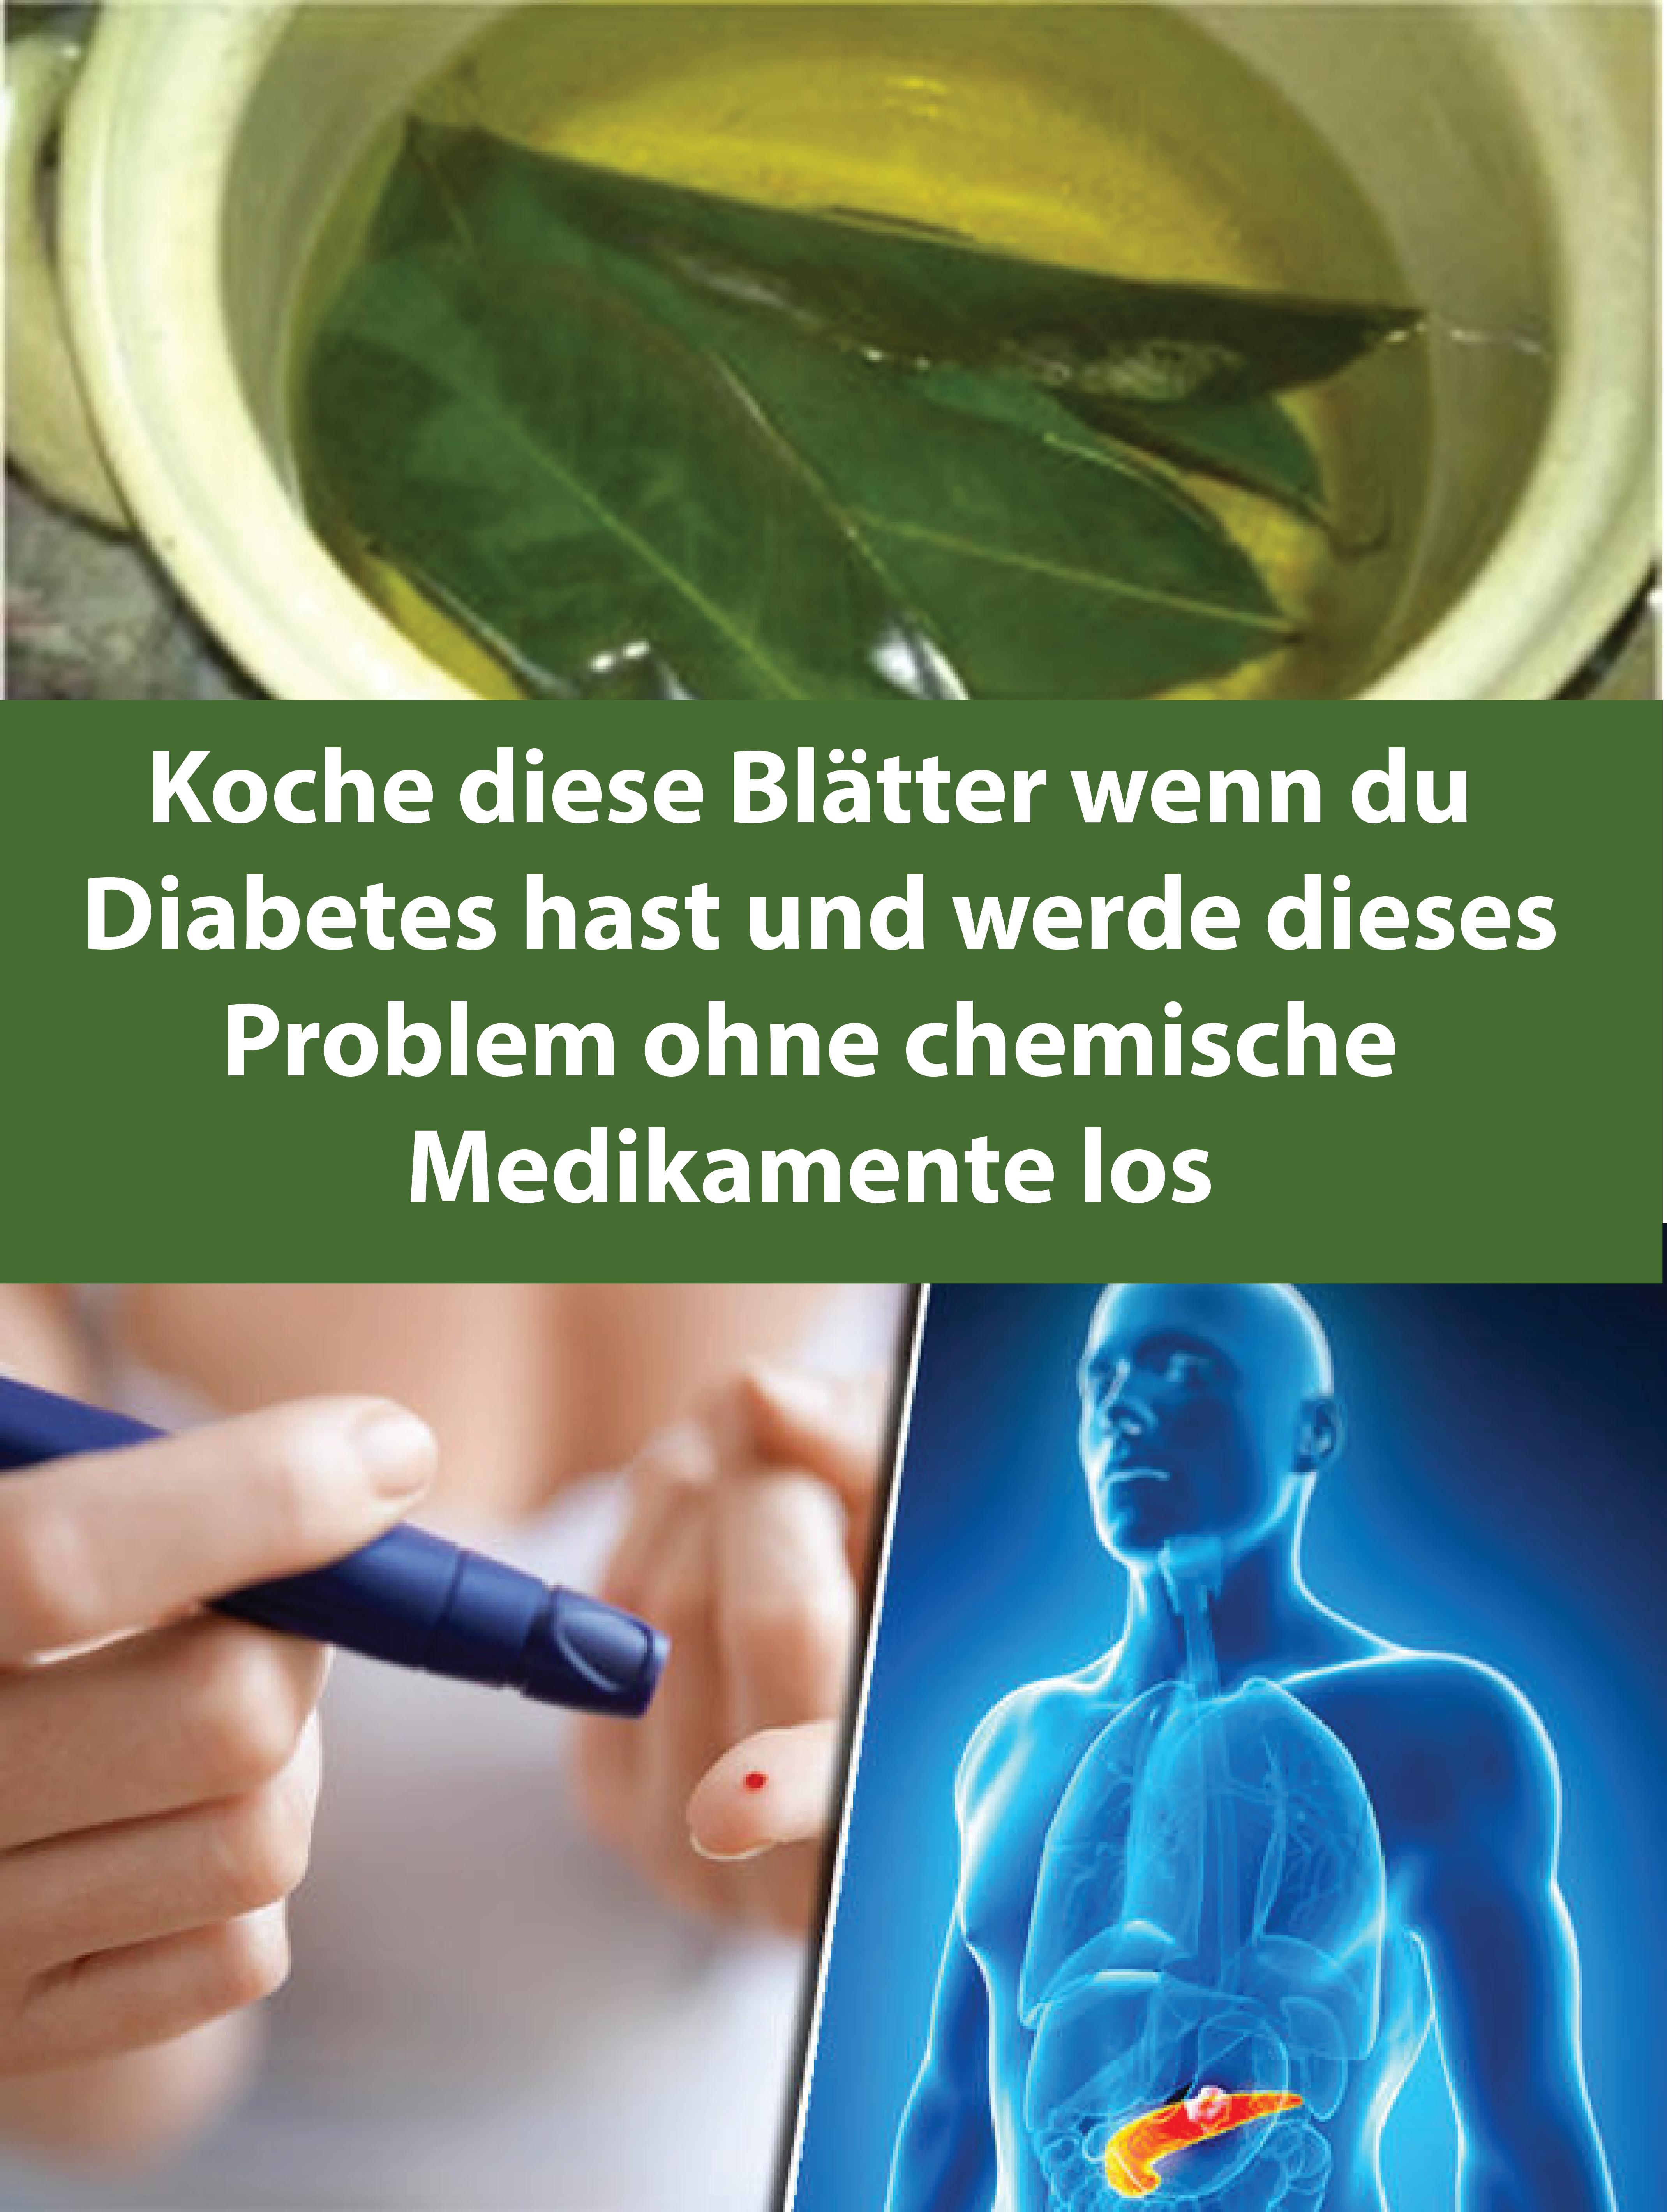 Koche diese Blätter wenn du Diabetes hast und werde dieses Problem ohne chemische Medikamente los